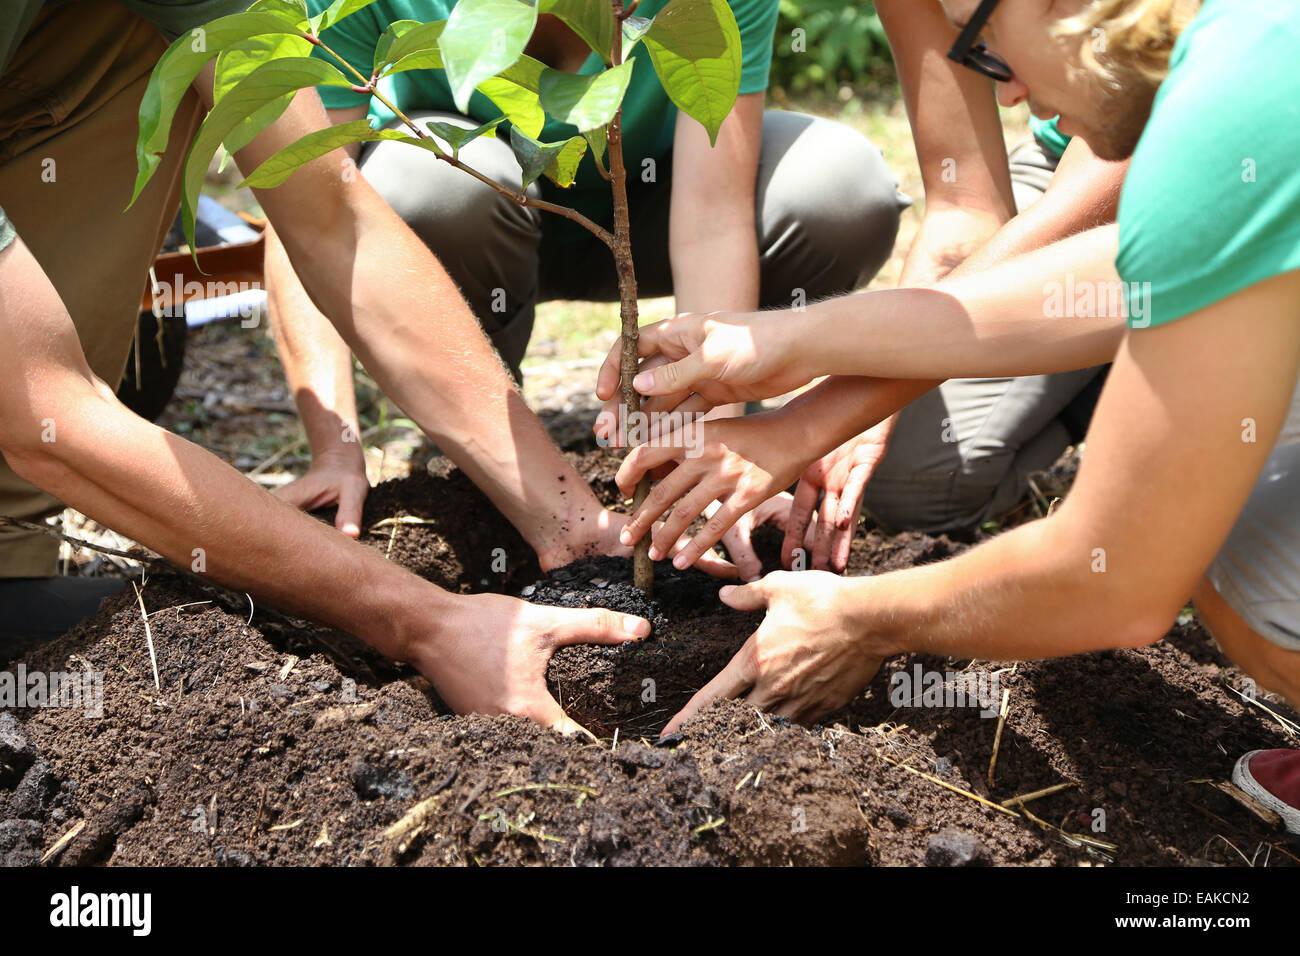 Menschen Pflanzen Baum Sämling zusammen Stockbild